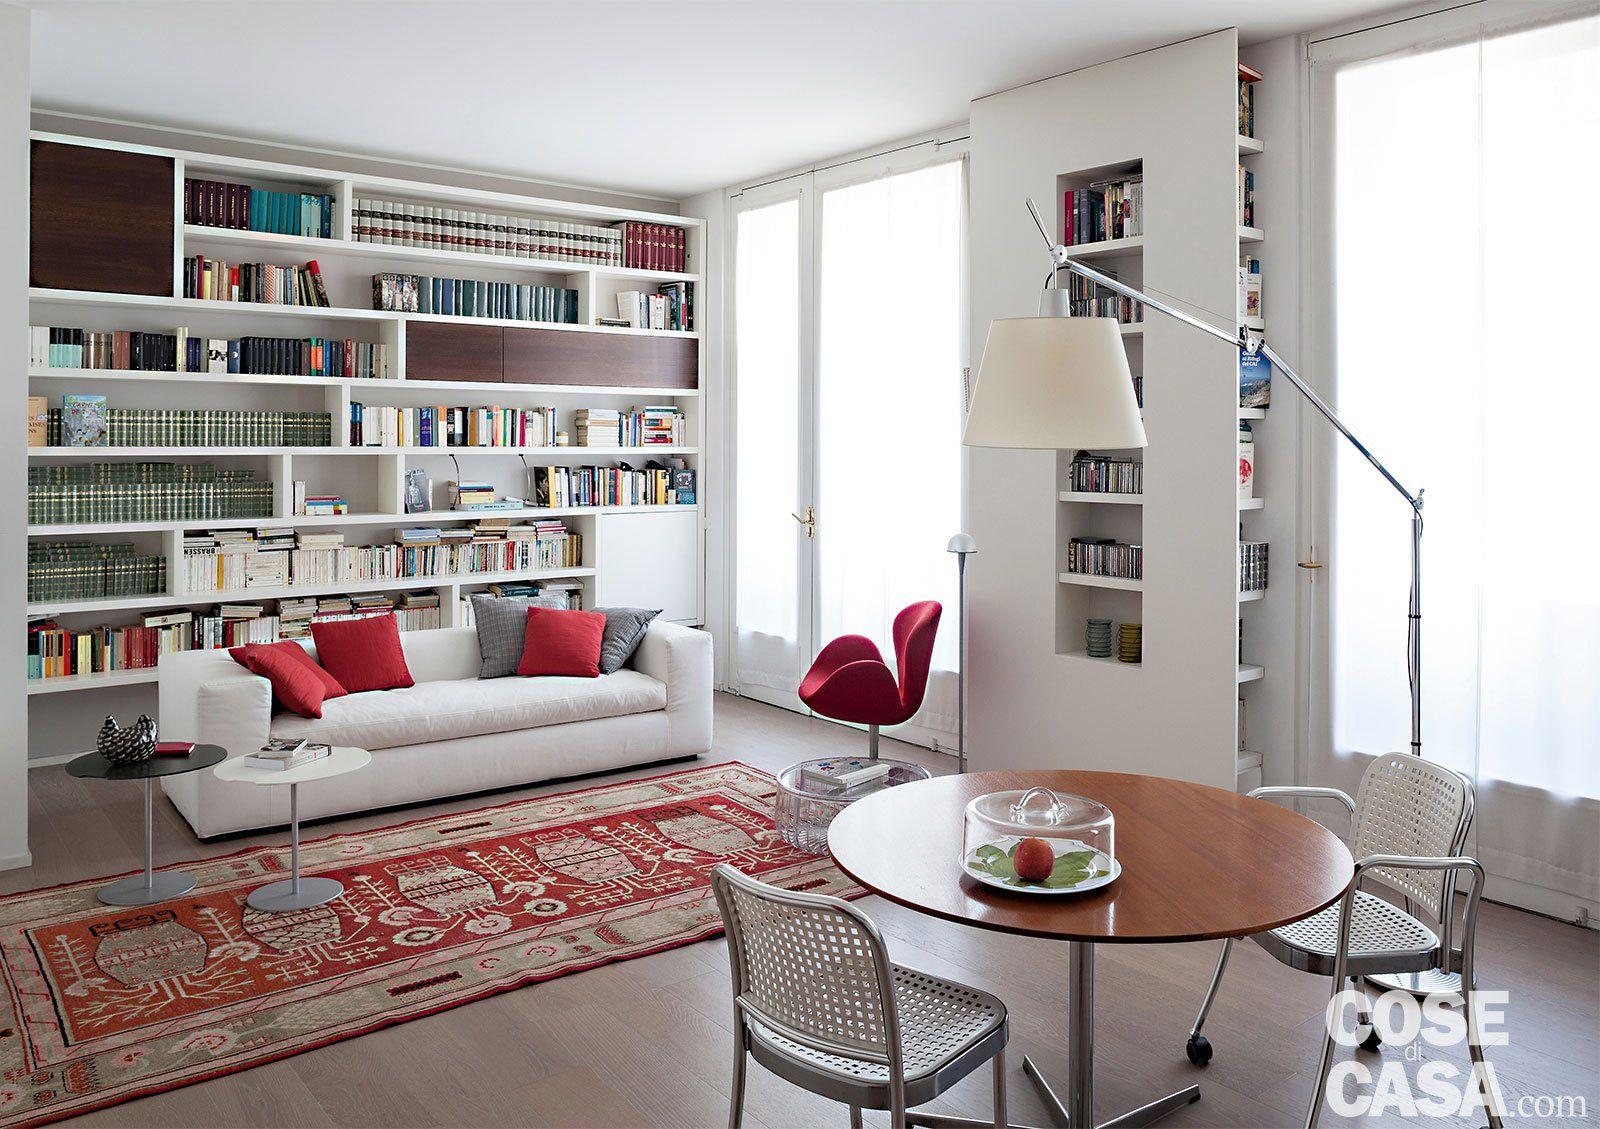 Costo Ristrutturazione Casa 50 Mq 50 mq: una casa open space per avere più luce. guarda i